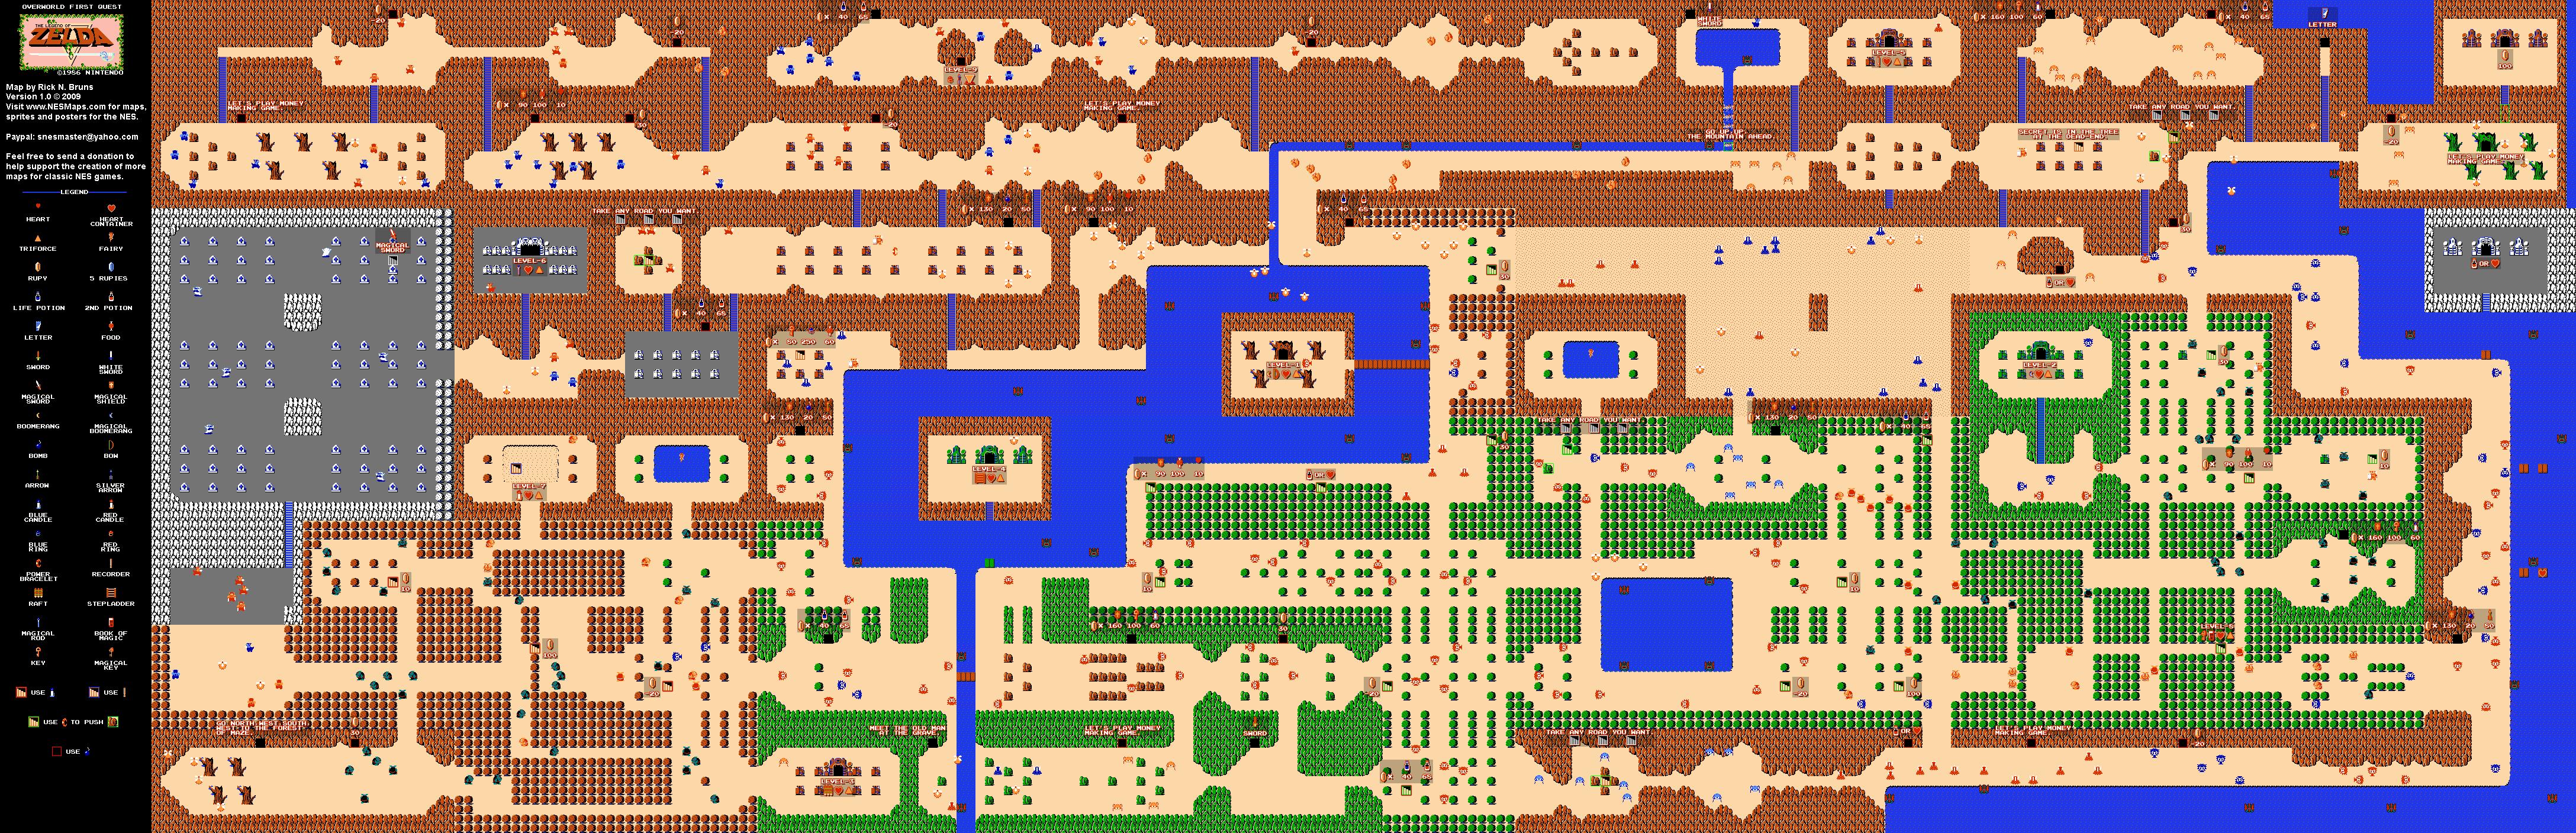 The Legend of Zelda Overworld Quest 1 Map